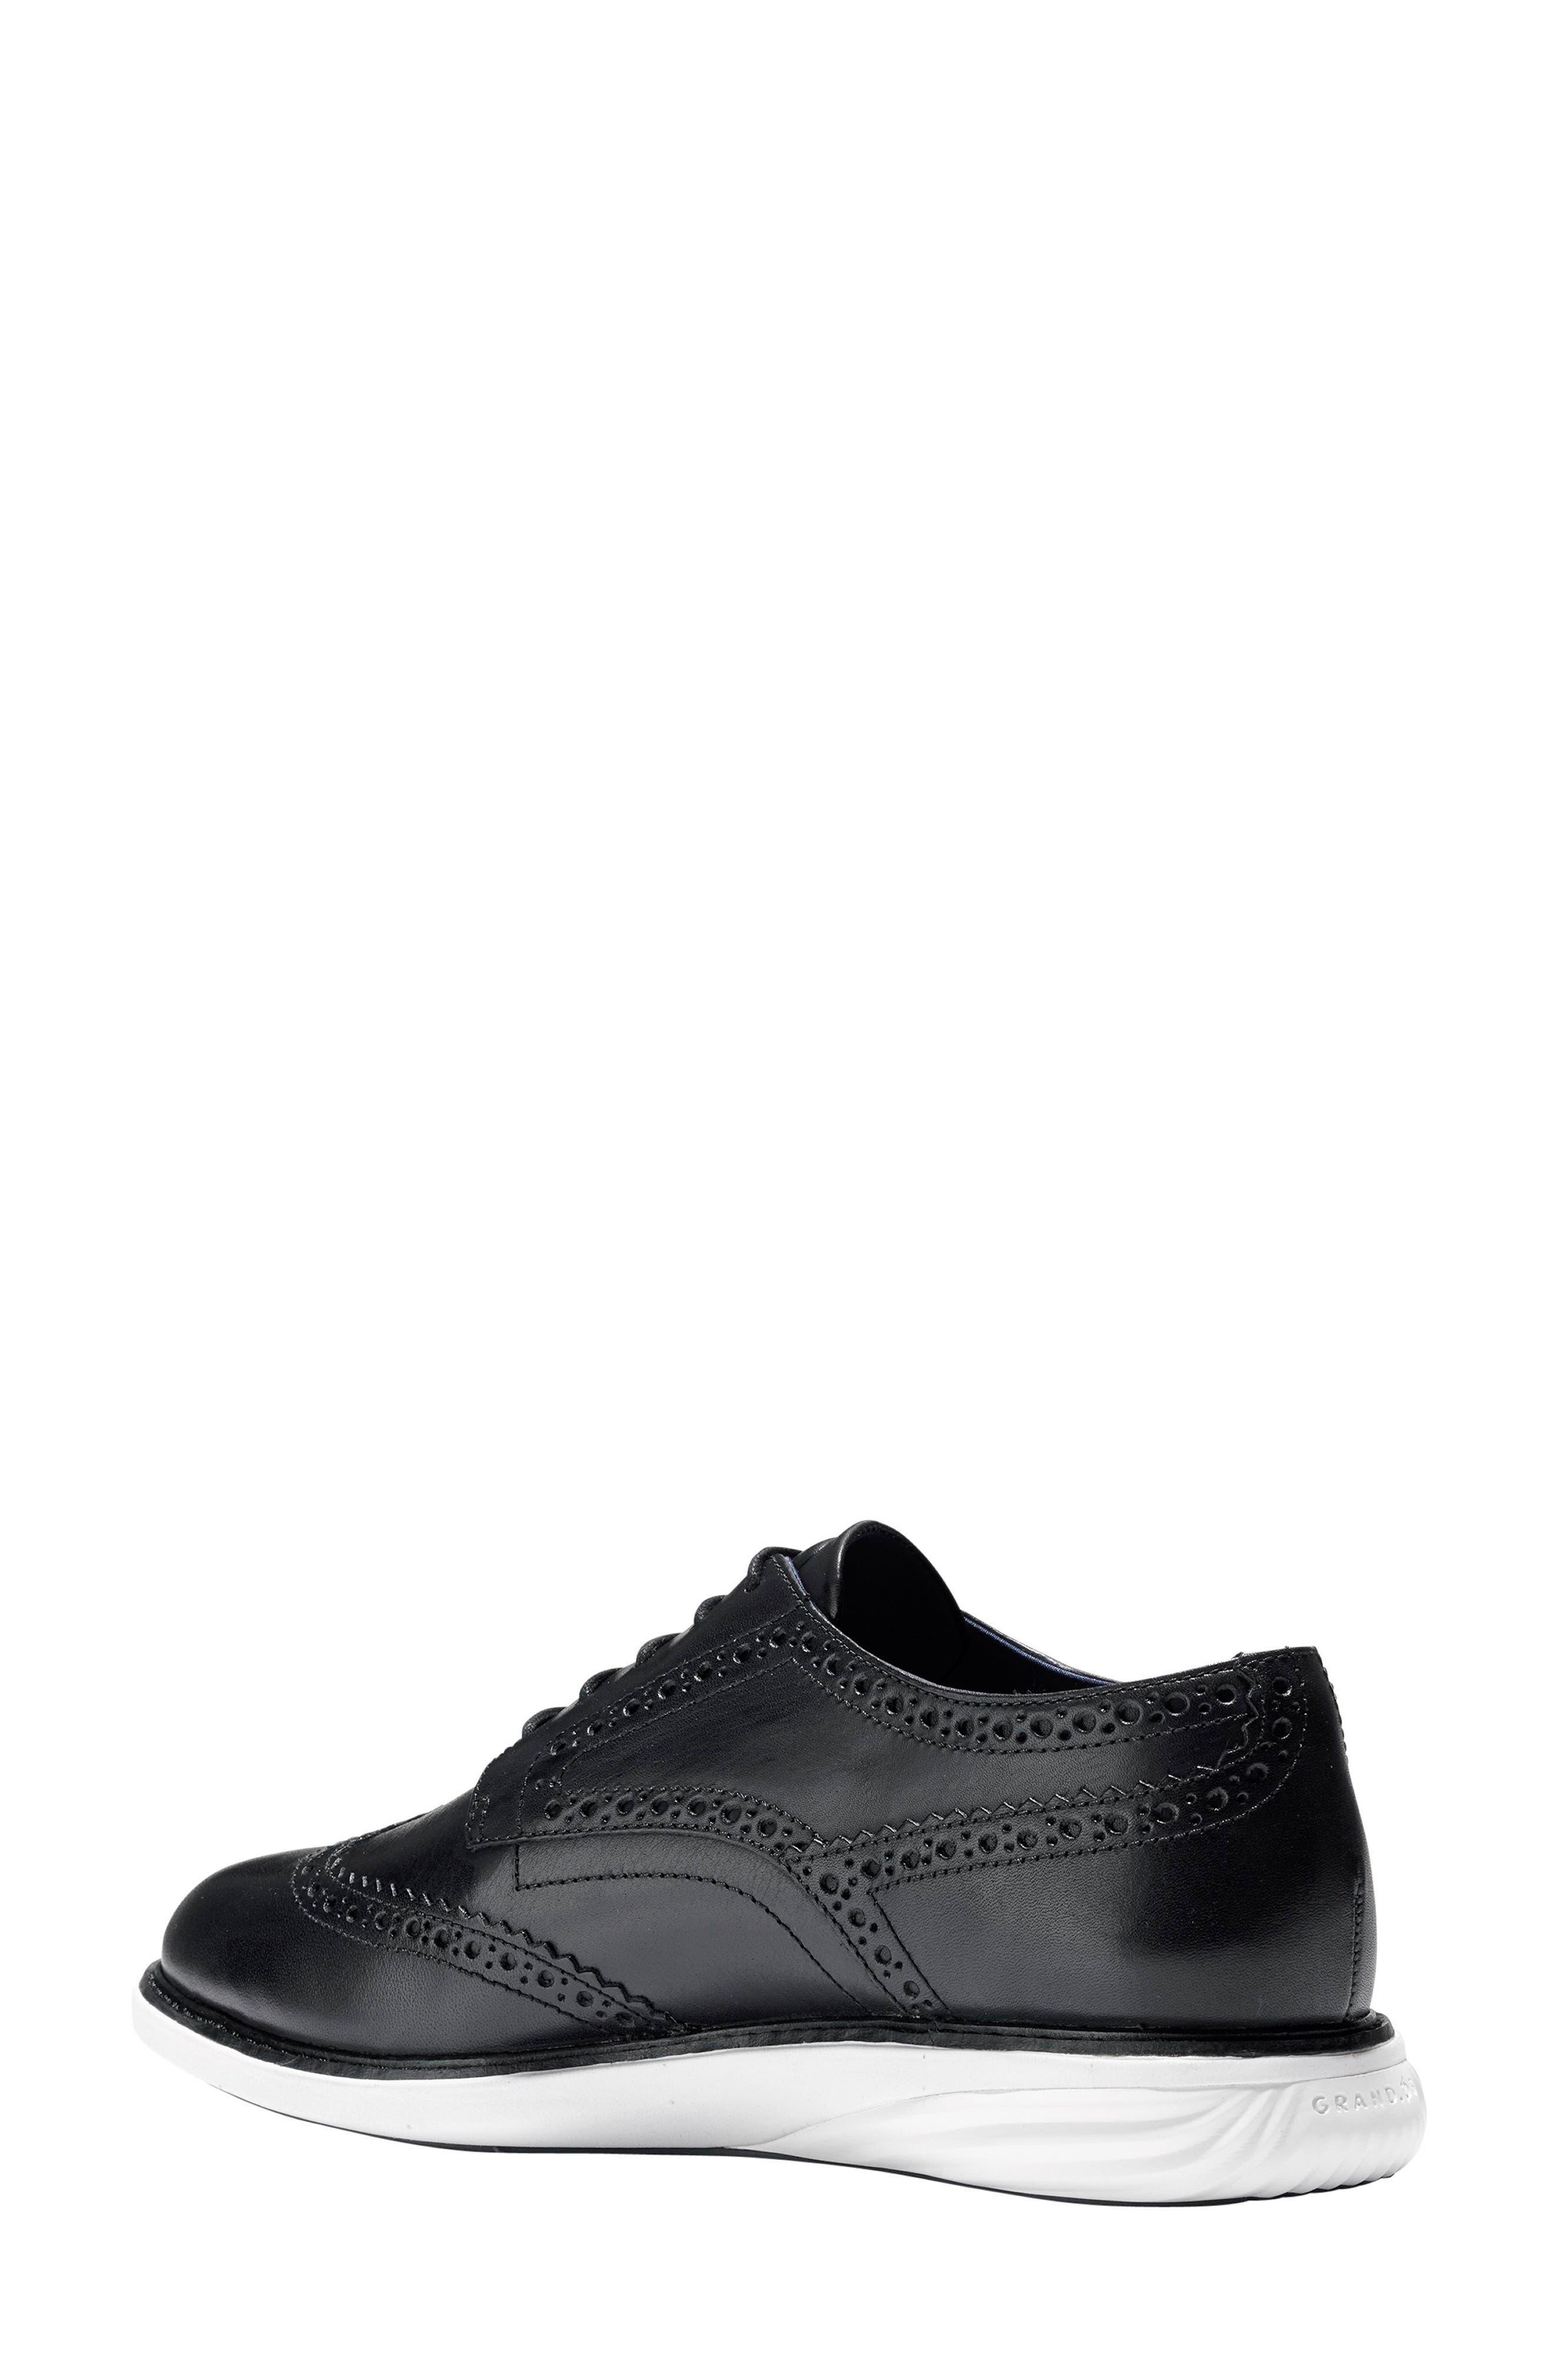 Gradevolution Oxford Sneaker,                             Alternate thumbnail 2, color,                             Black/ Optic White Leather